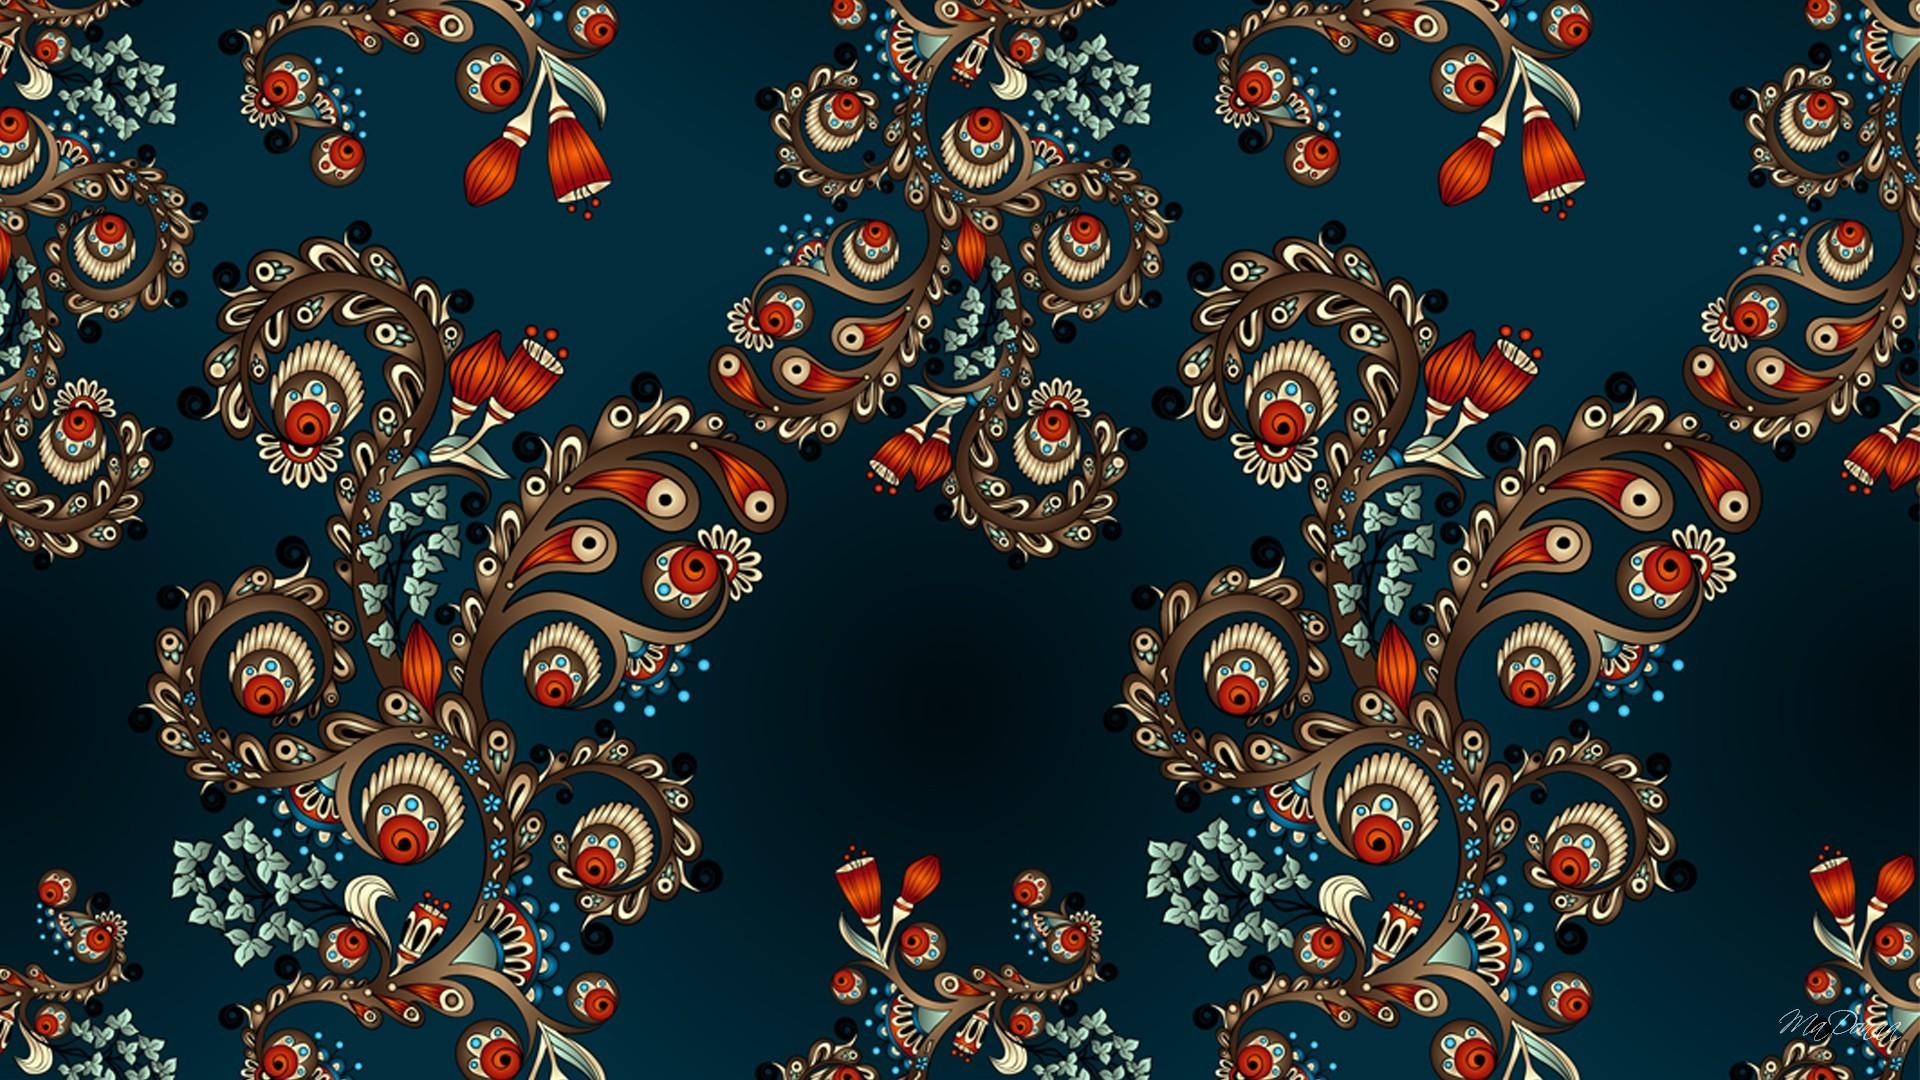 mandala wallpaper desktop 61 images